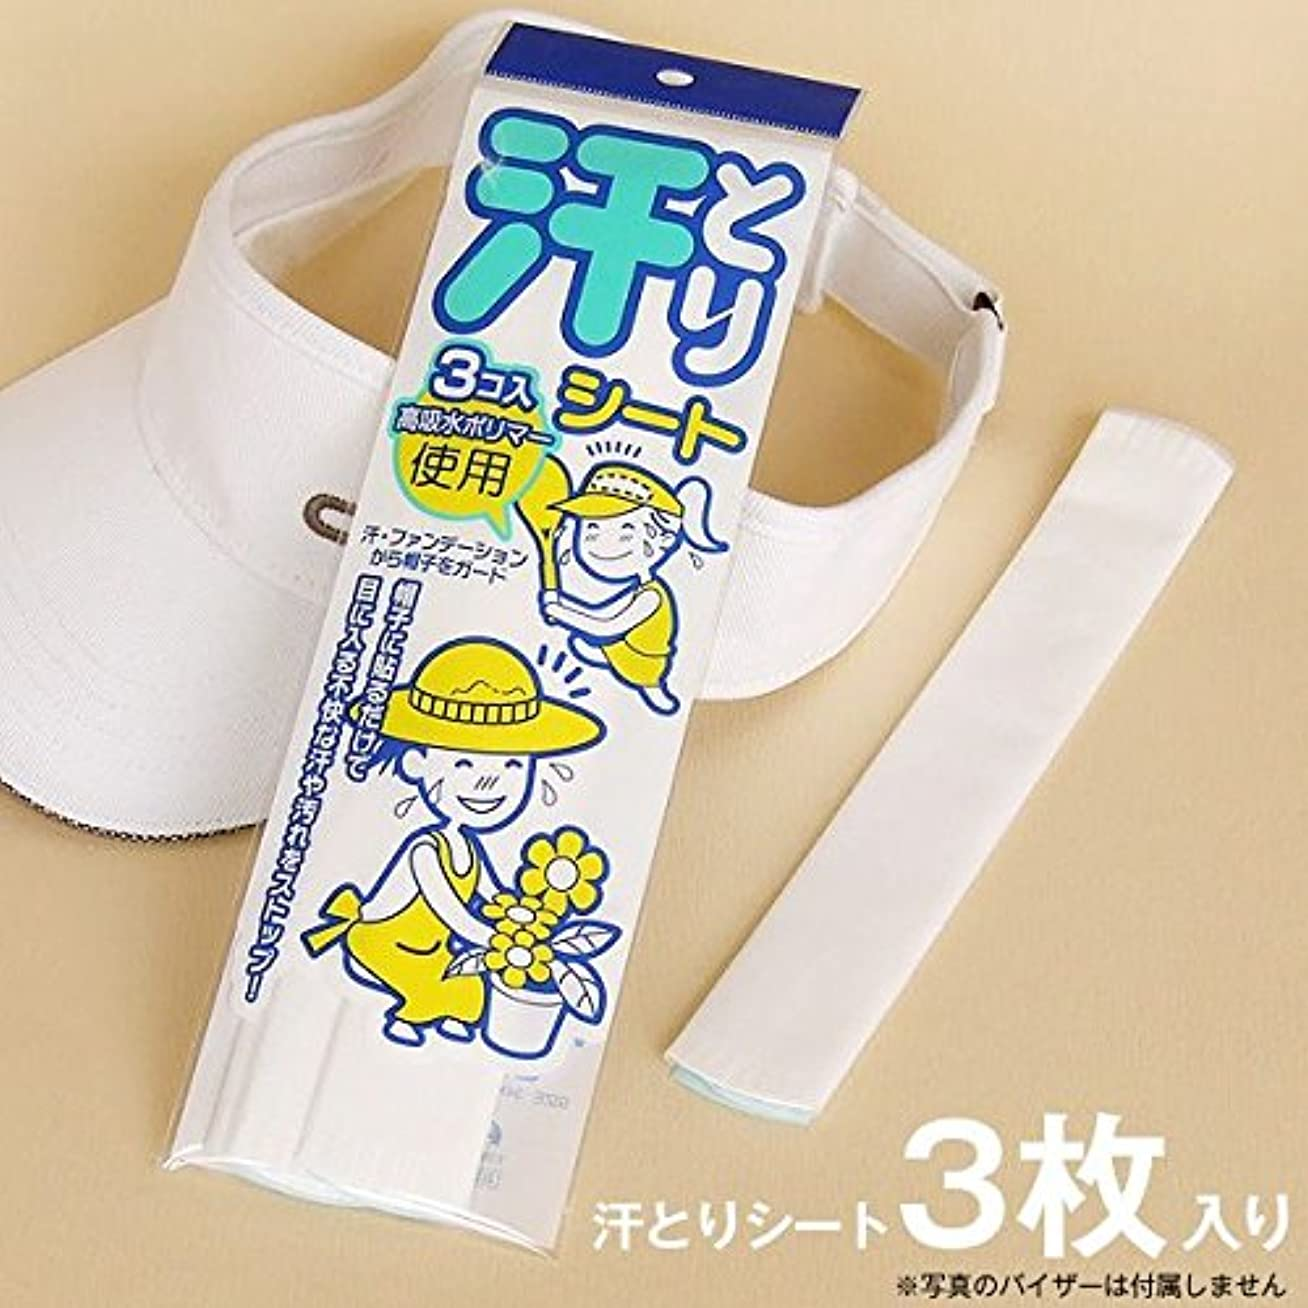 シネウィコンピューターを使用するウェイド汗取りシート 高吸水ポリマー 使用 帽子 サンバイザー ヘルメット インナー ファンデーション付着 防止 シャツ えり(日本製) (3個入り×3パック)